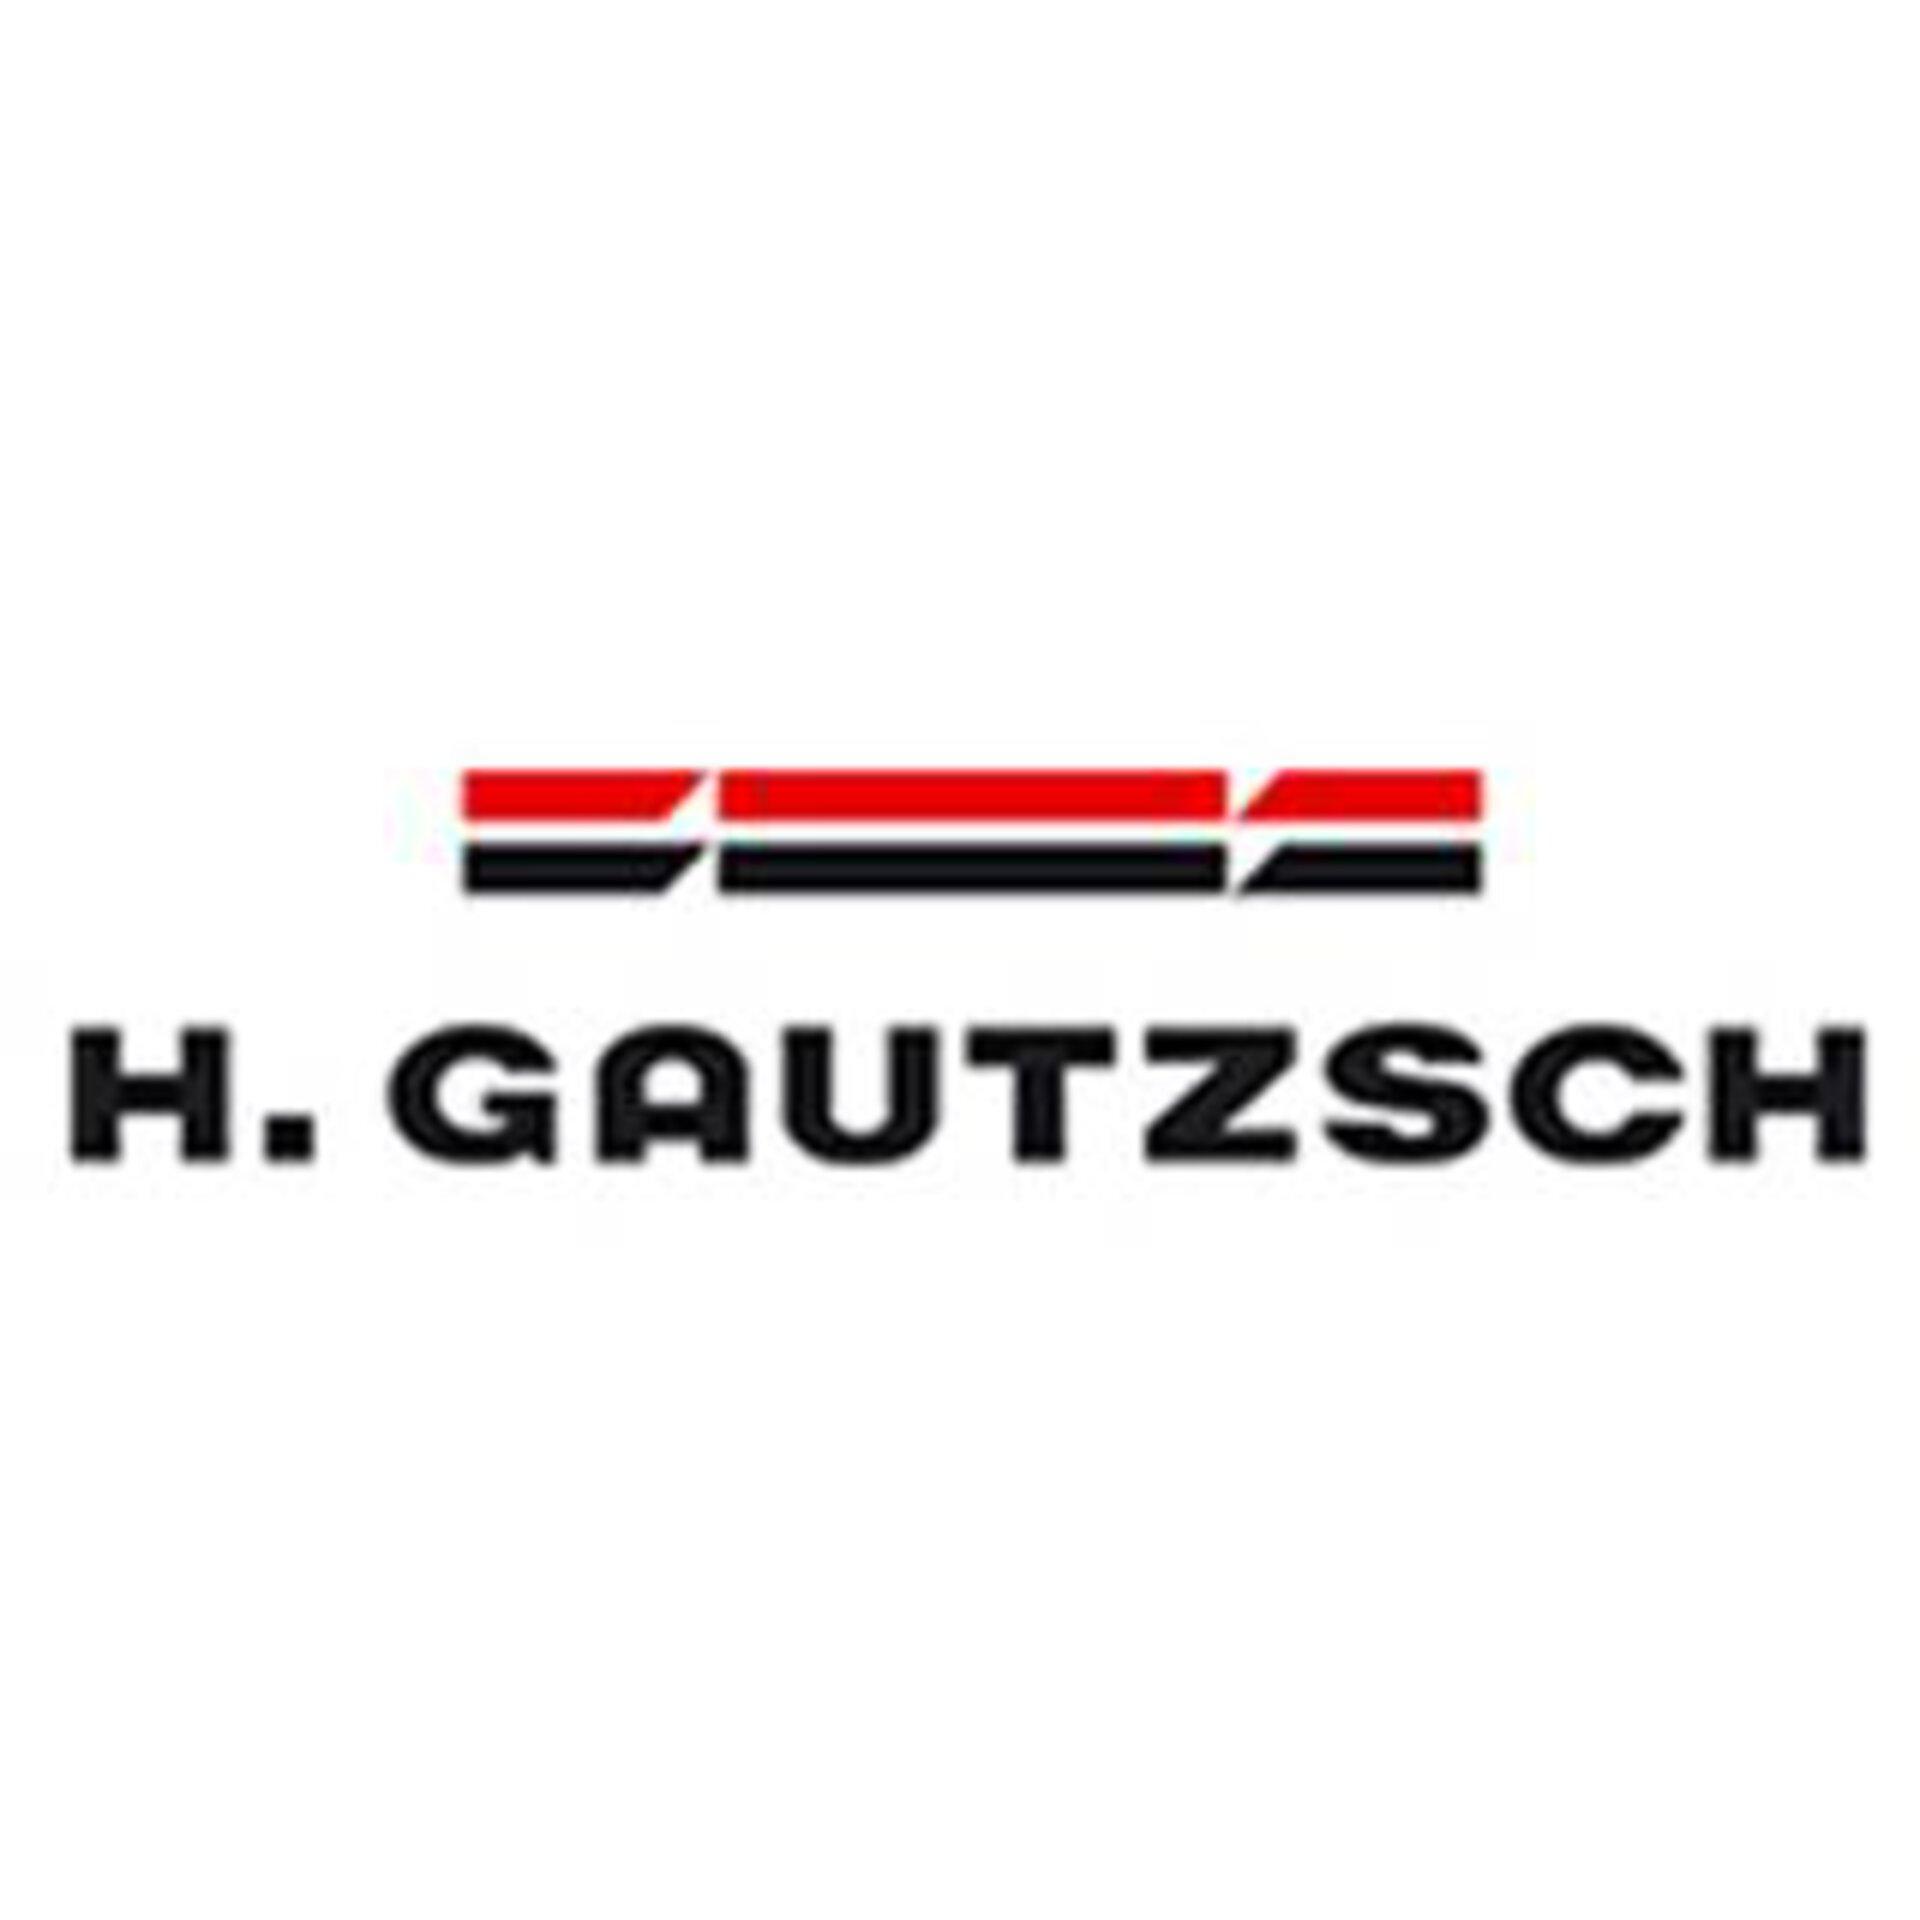 H. Gautzsch